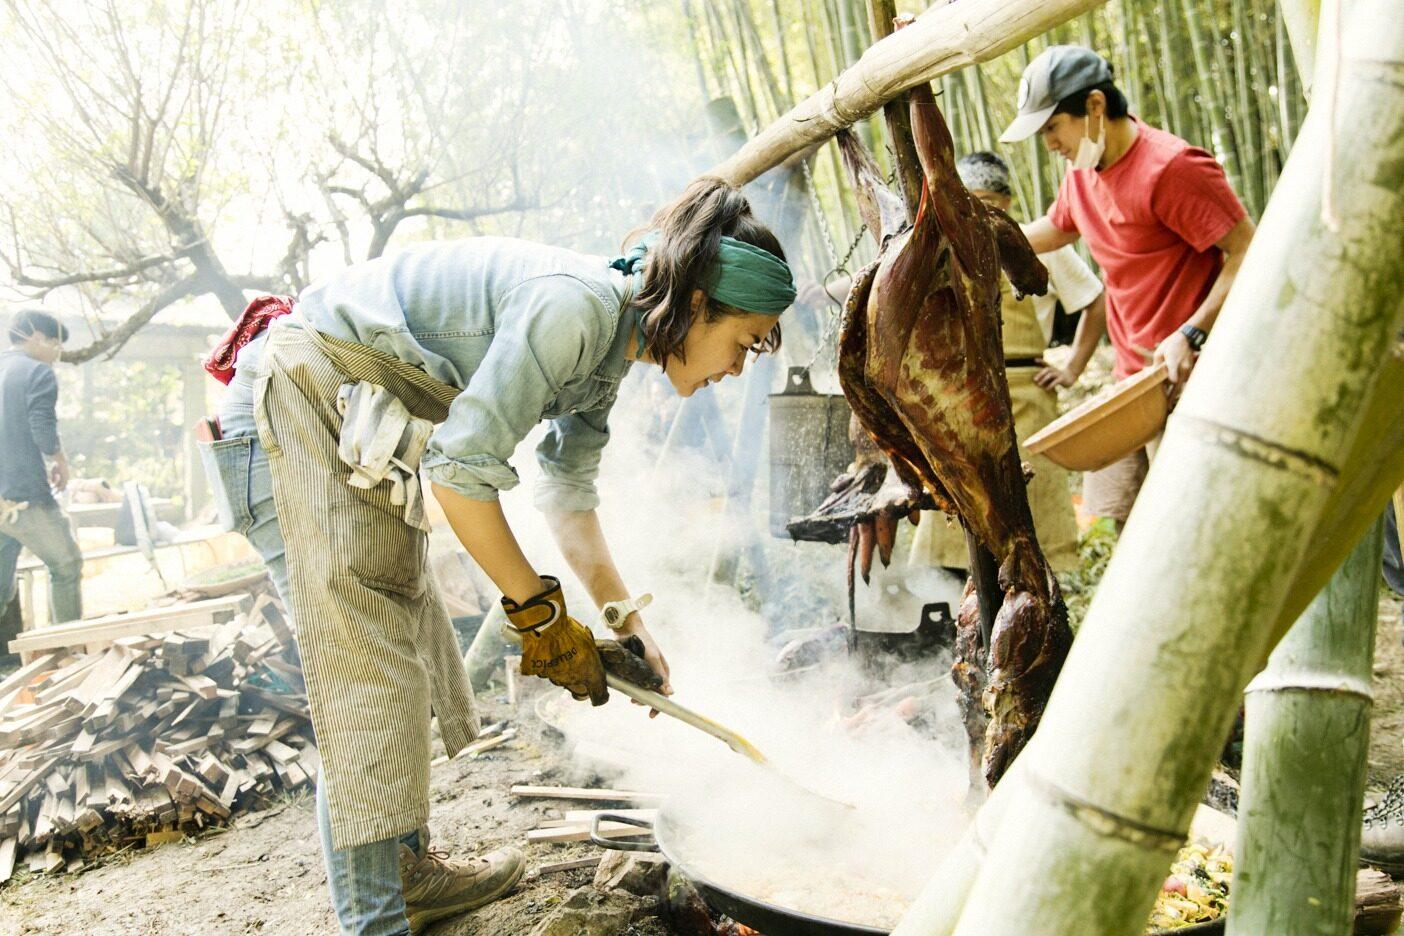 焚き火でシカ肉のグリルとパエリアを仕上げる。竹のアーチは、三上さんと仲間たちが「Ome Farm」敷地内の竹林から竹を切り出し、加工したもの。薪は三上さんが近隣をまわってかき集めた端材だ。写真 : 五十嵐 一晴